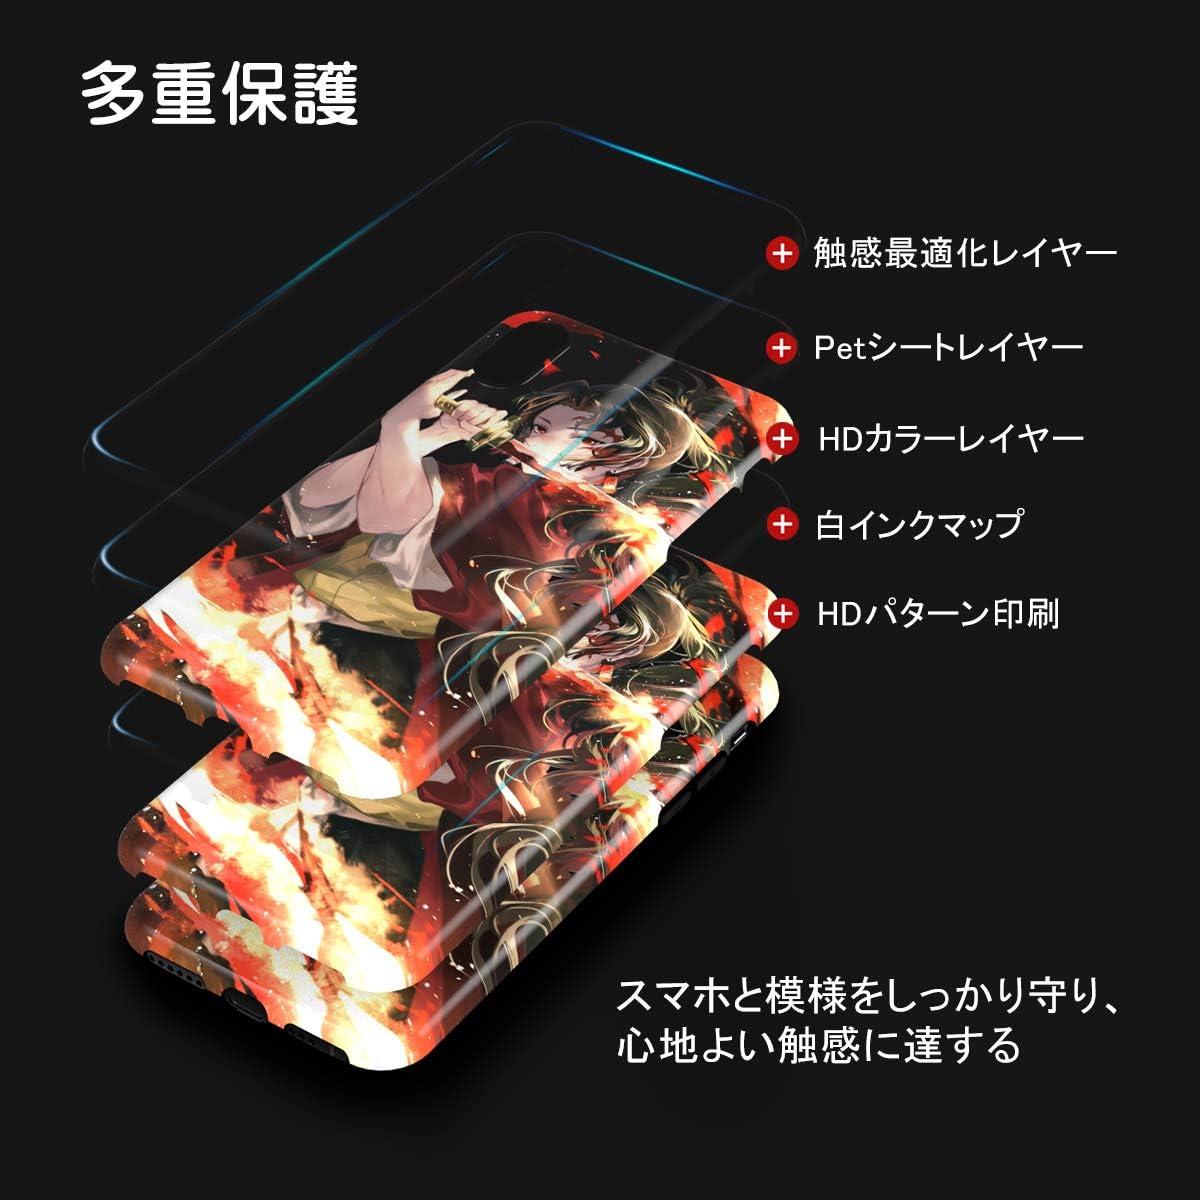 鬼滅の刃 継国縁壱(つぎくによりいち)仕様 iphone 11 pro ケース